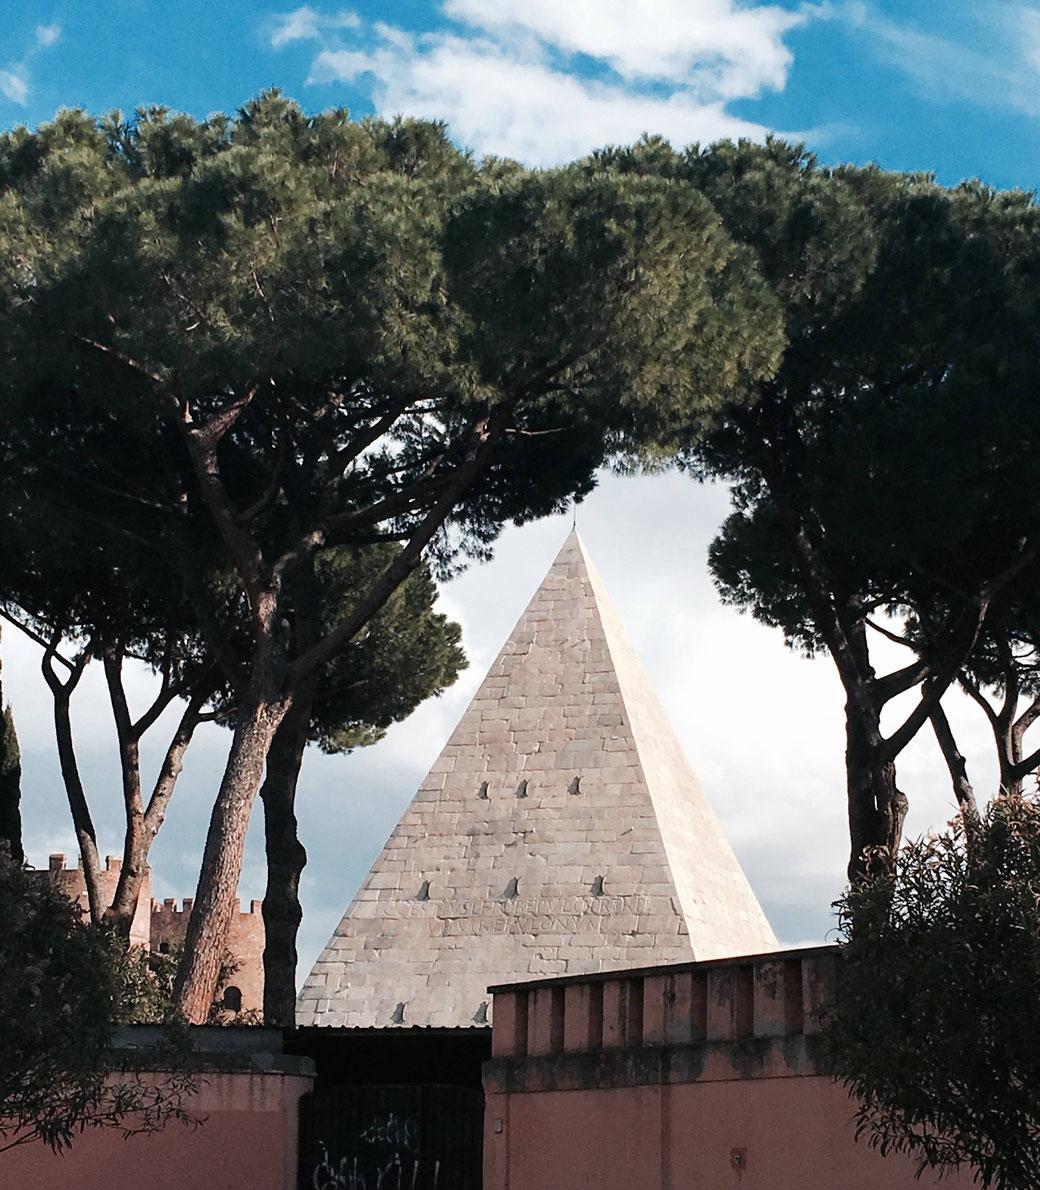 Eine der ungewöhnlichsten Sehenswürdigkeiten in Rom: Die Pyramide des Cestius.